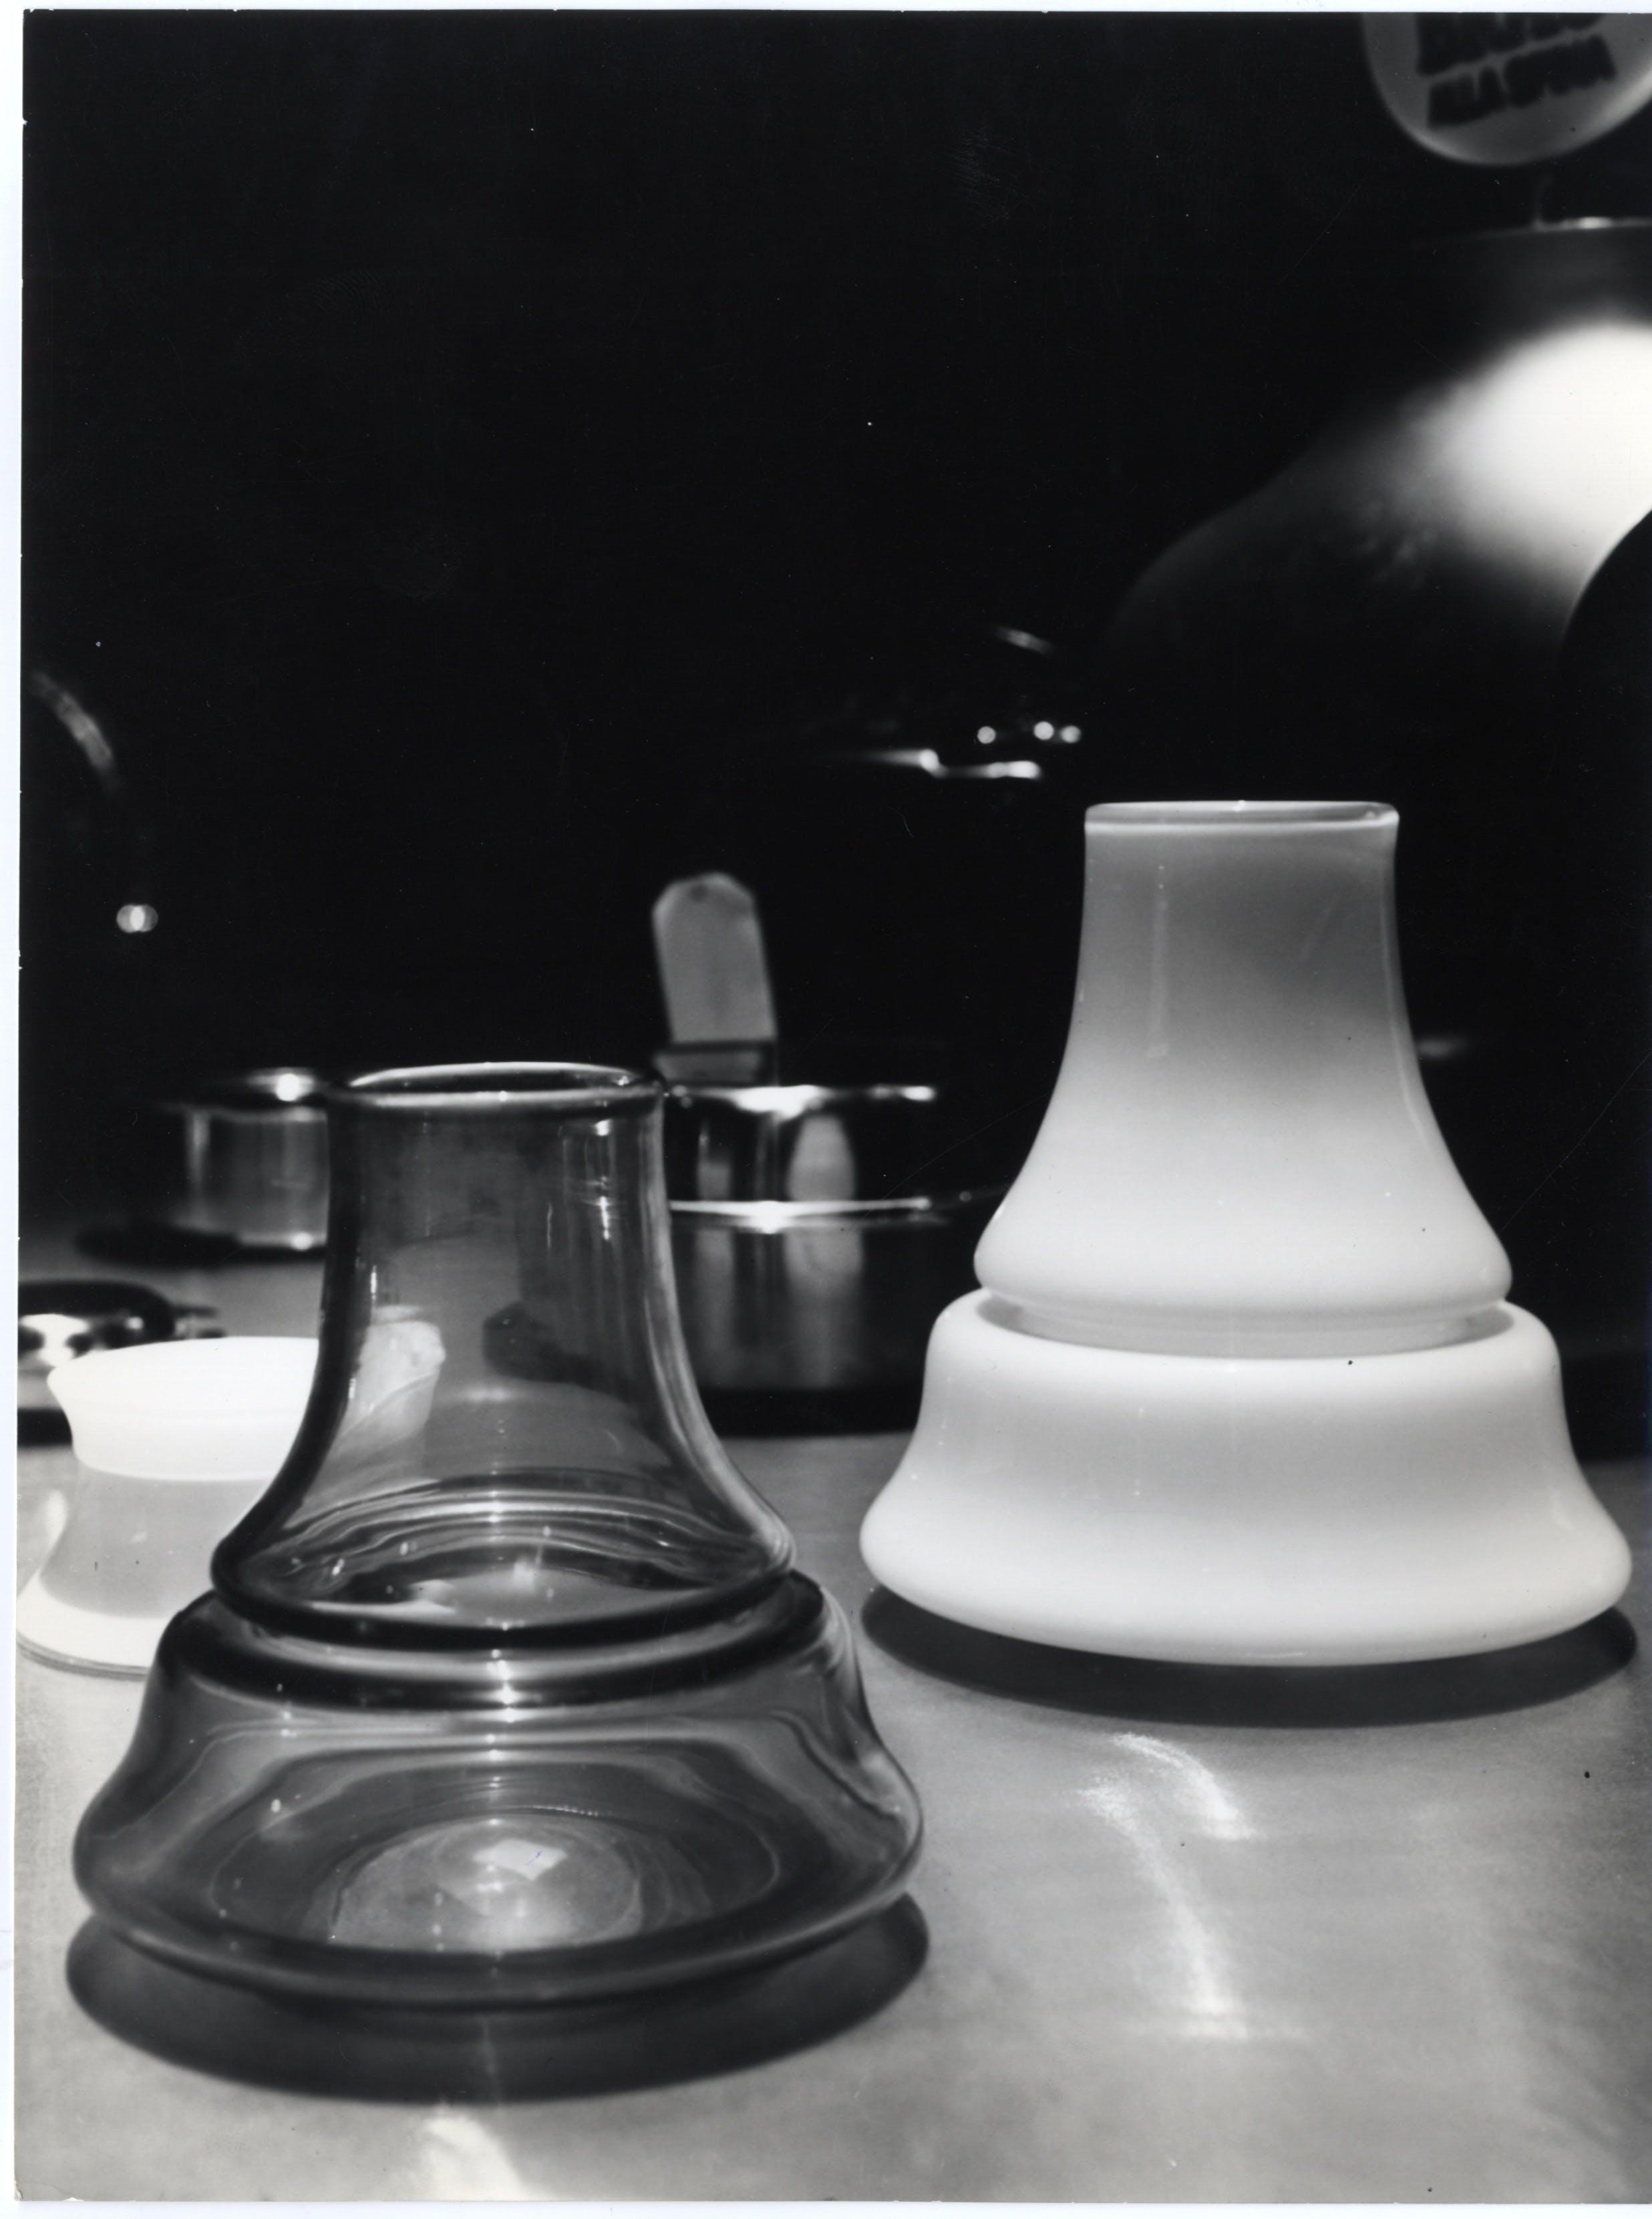 Portafiori in vetro e vetro bianco disegno di Sergio Asti esposti sul quinto ripiano della sala quadrata della mostra Le produzioni, 1964 - Triennale Milano